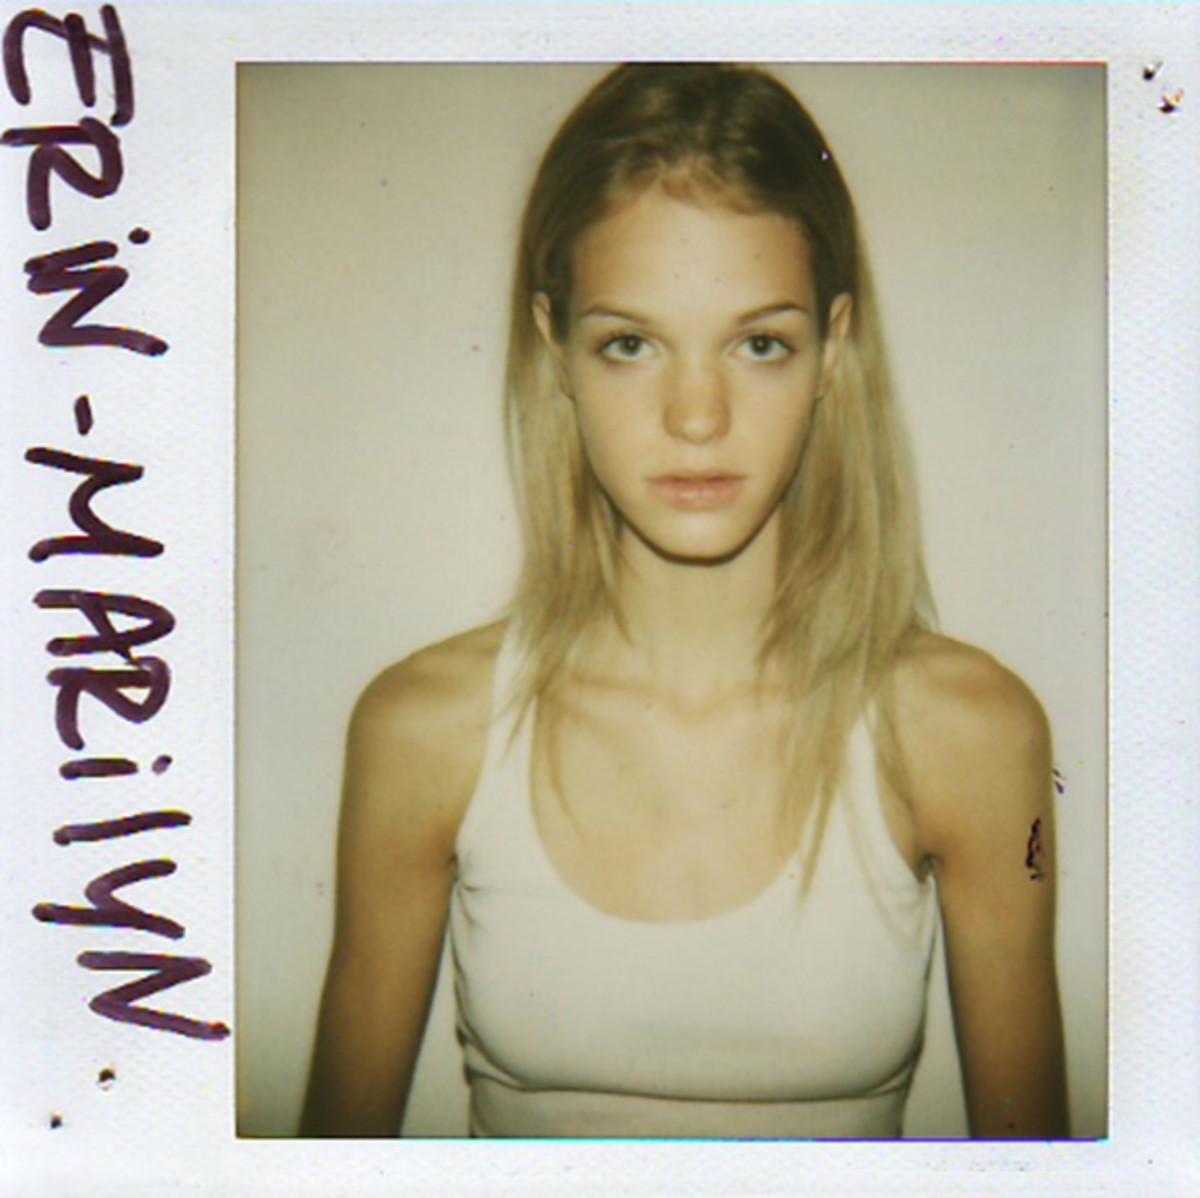 Erin-Heatherton